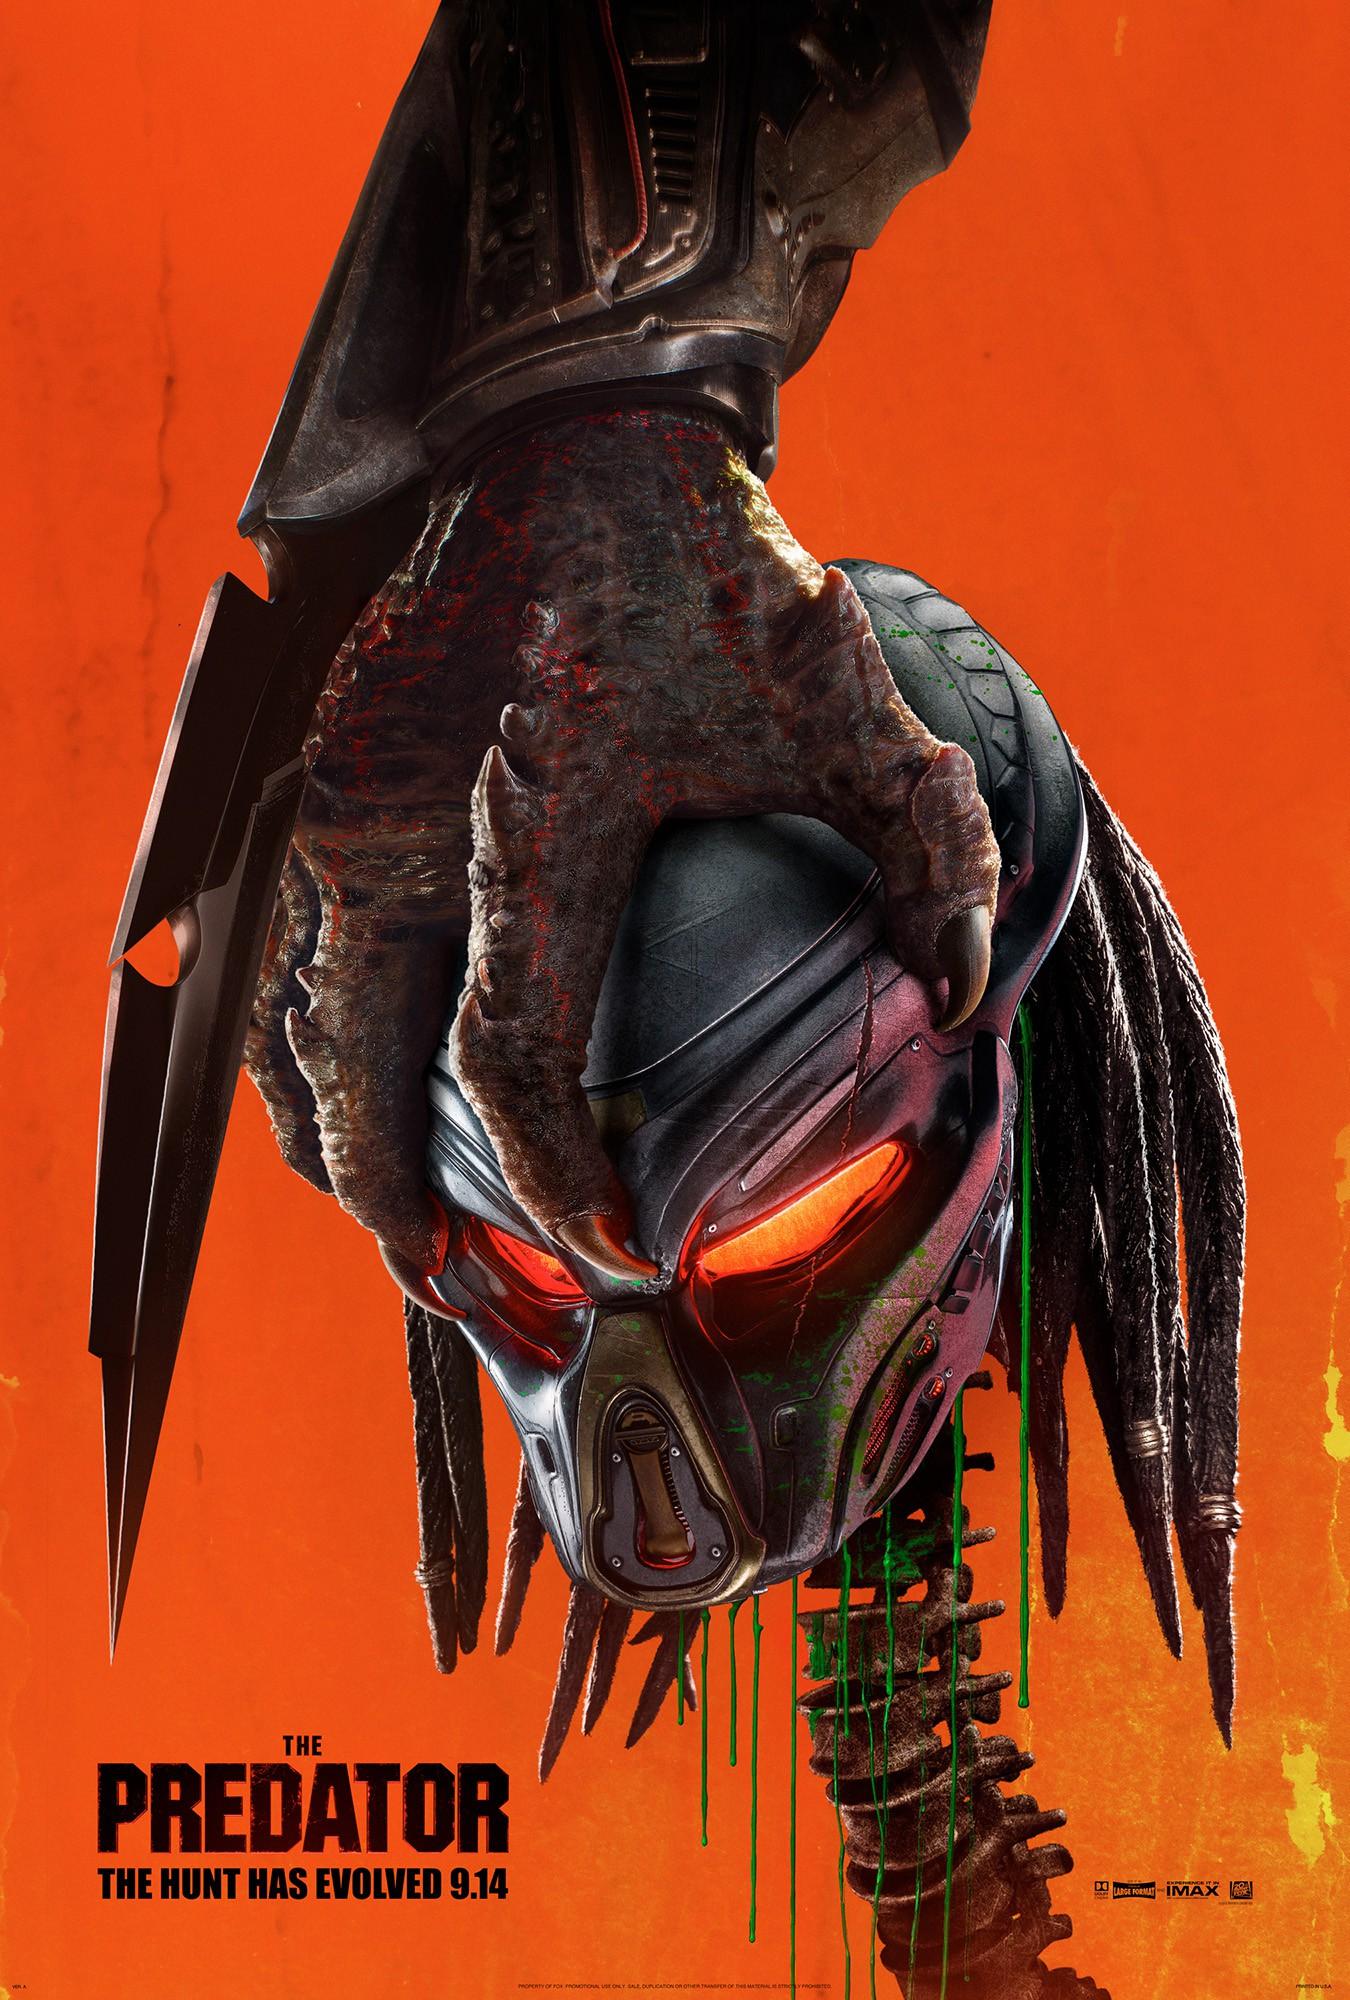 """Máu me, hài hước, nhưng """"The Predator"""" còn lâu mới xứng với thương hiệu Quái Thú Vô Hình đình đám một thời - Ảnh 1."""